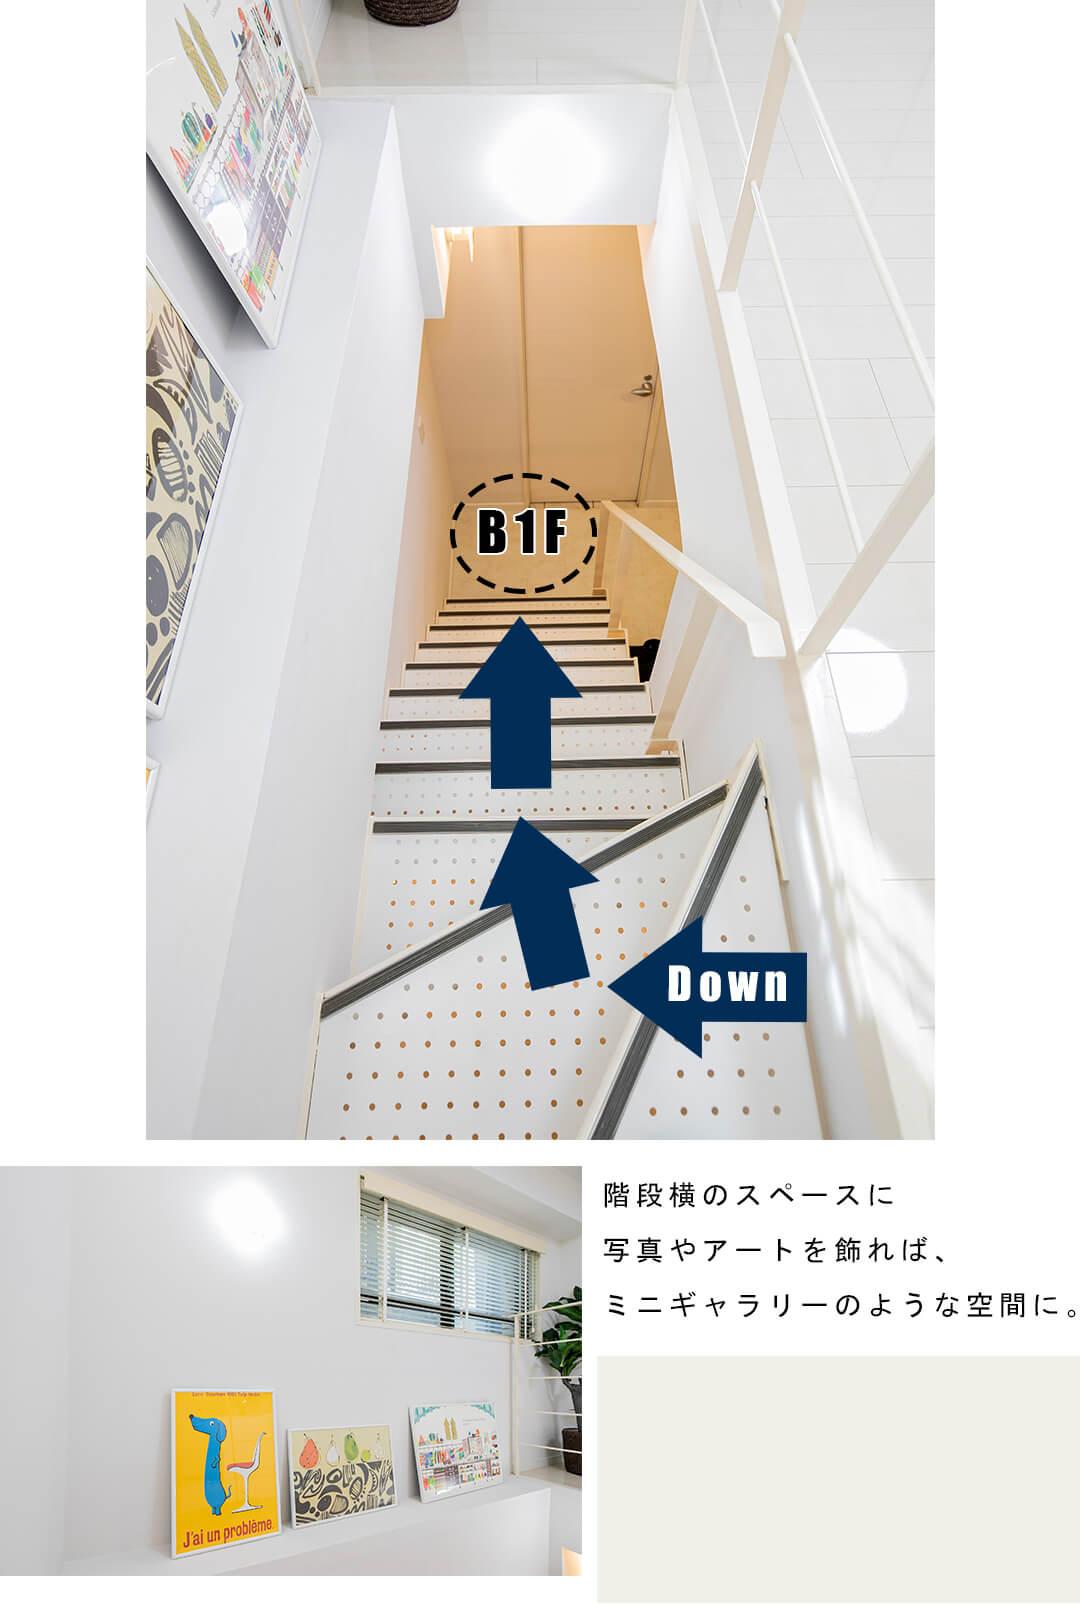 ゼクシア吉祥寺の階段